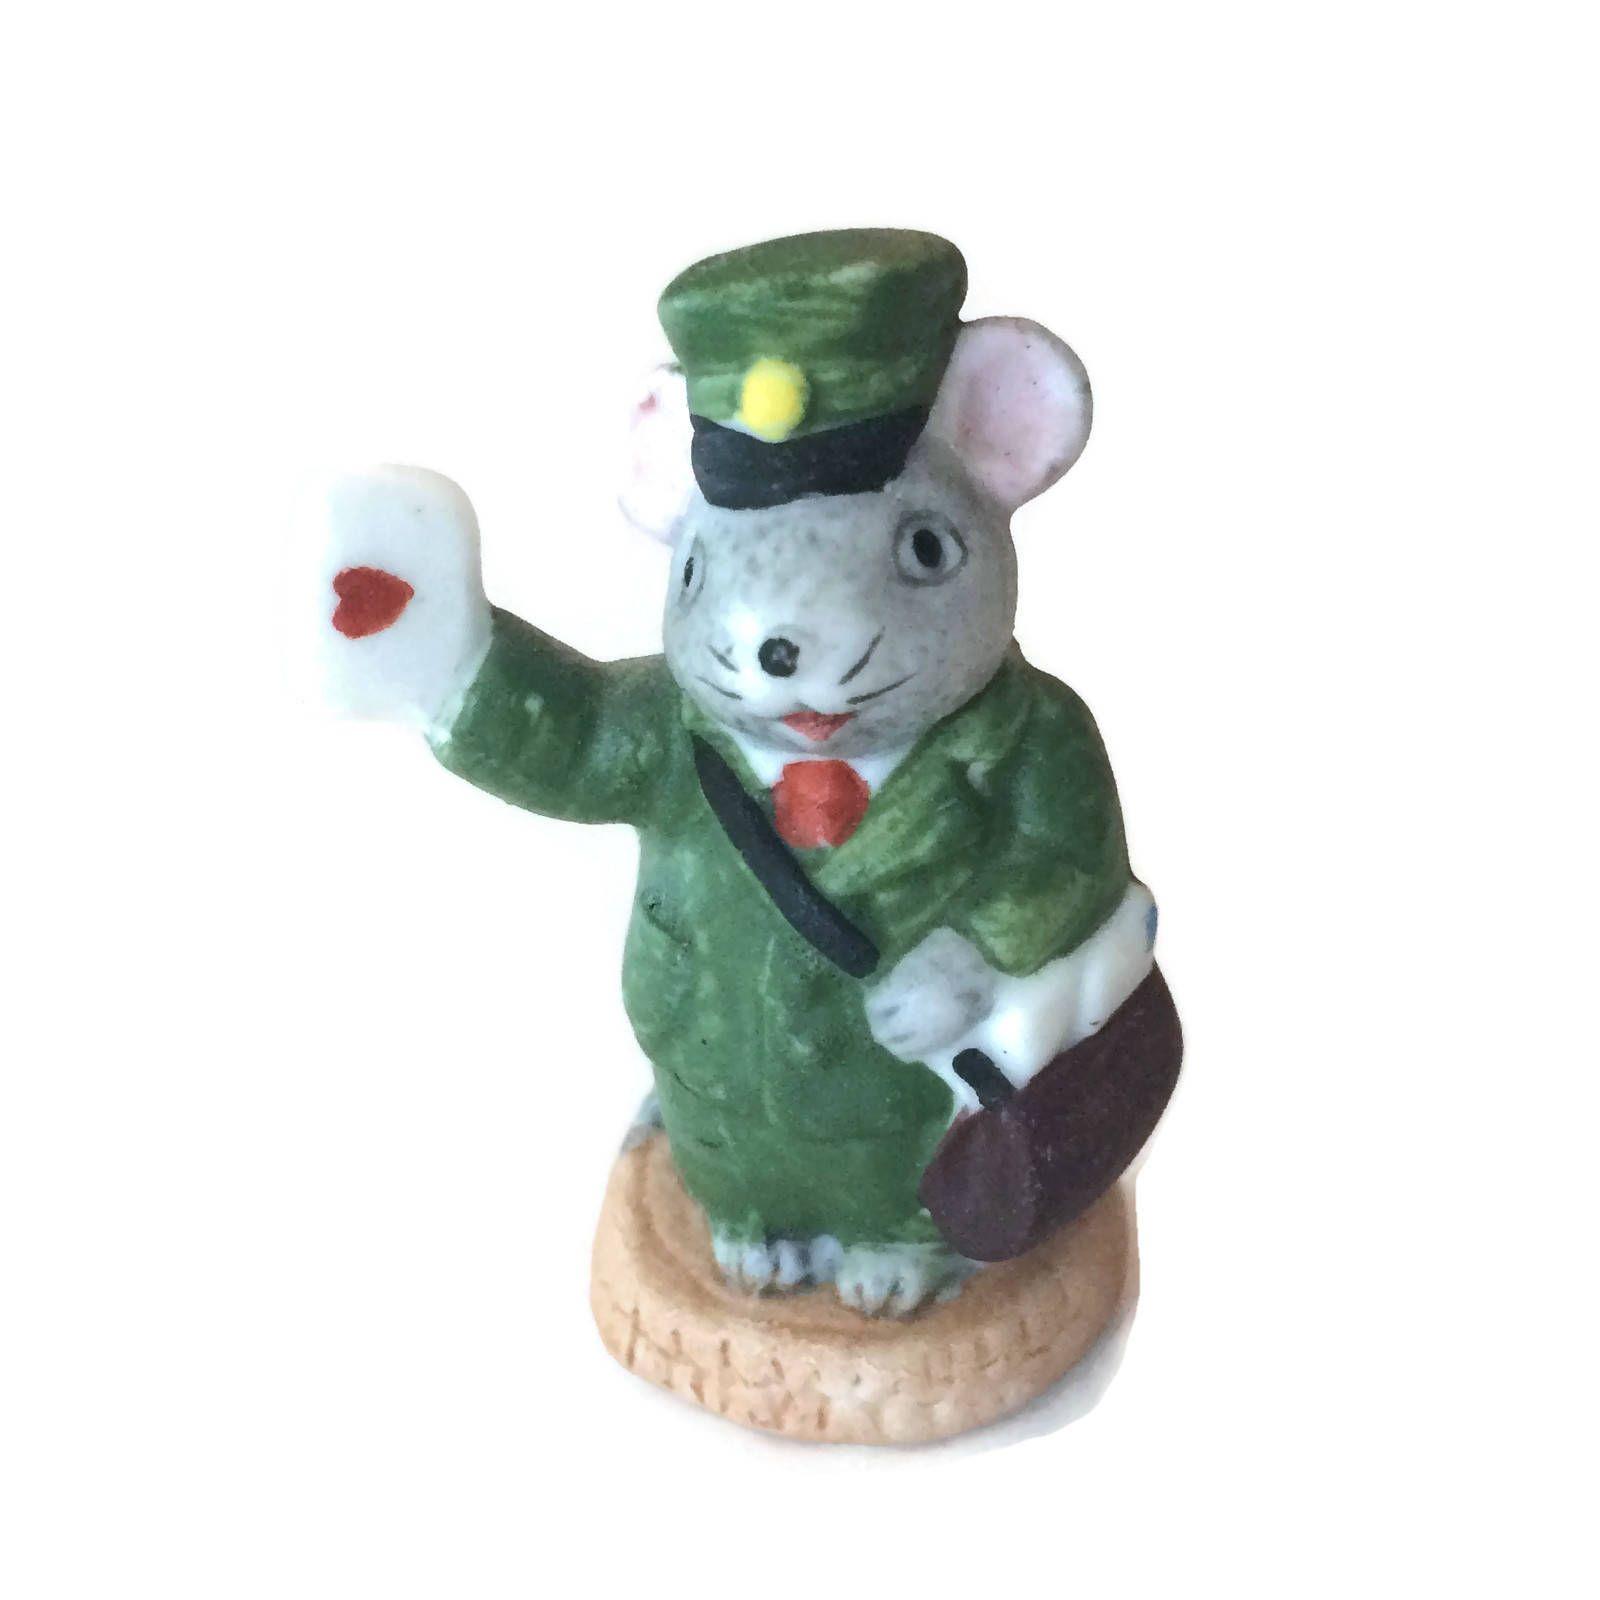 DESCRIPTION Vintage Russ mail carrier mouse figurine holding a love